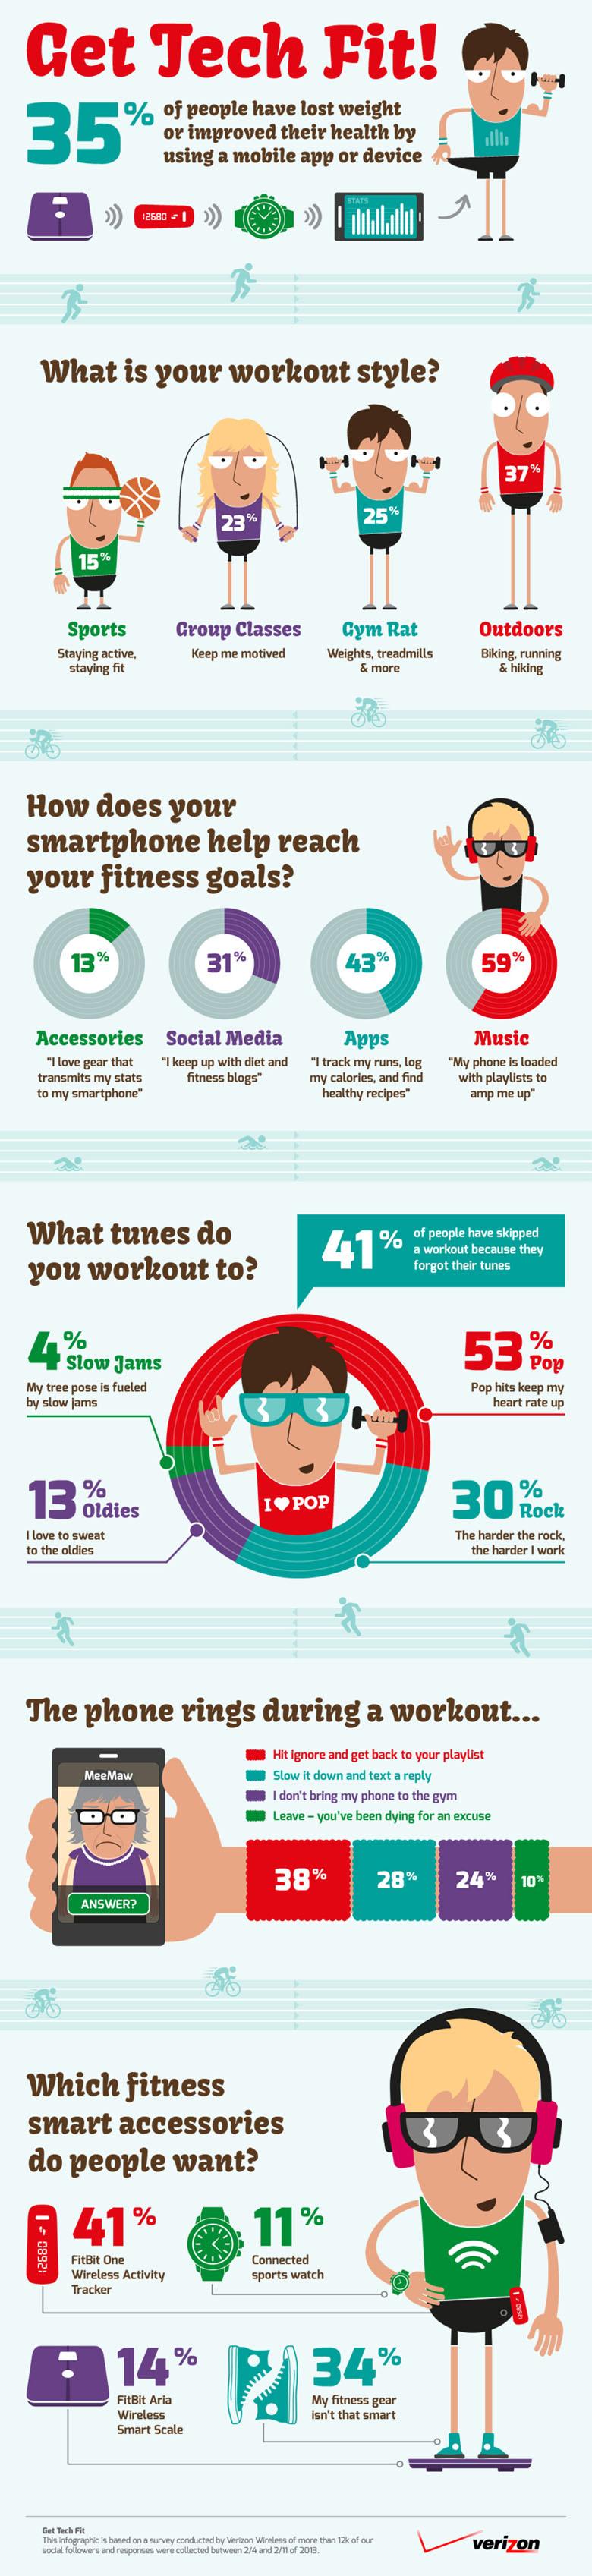 Get tech fit